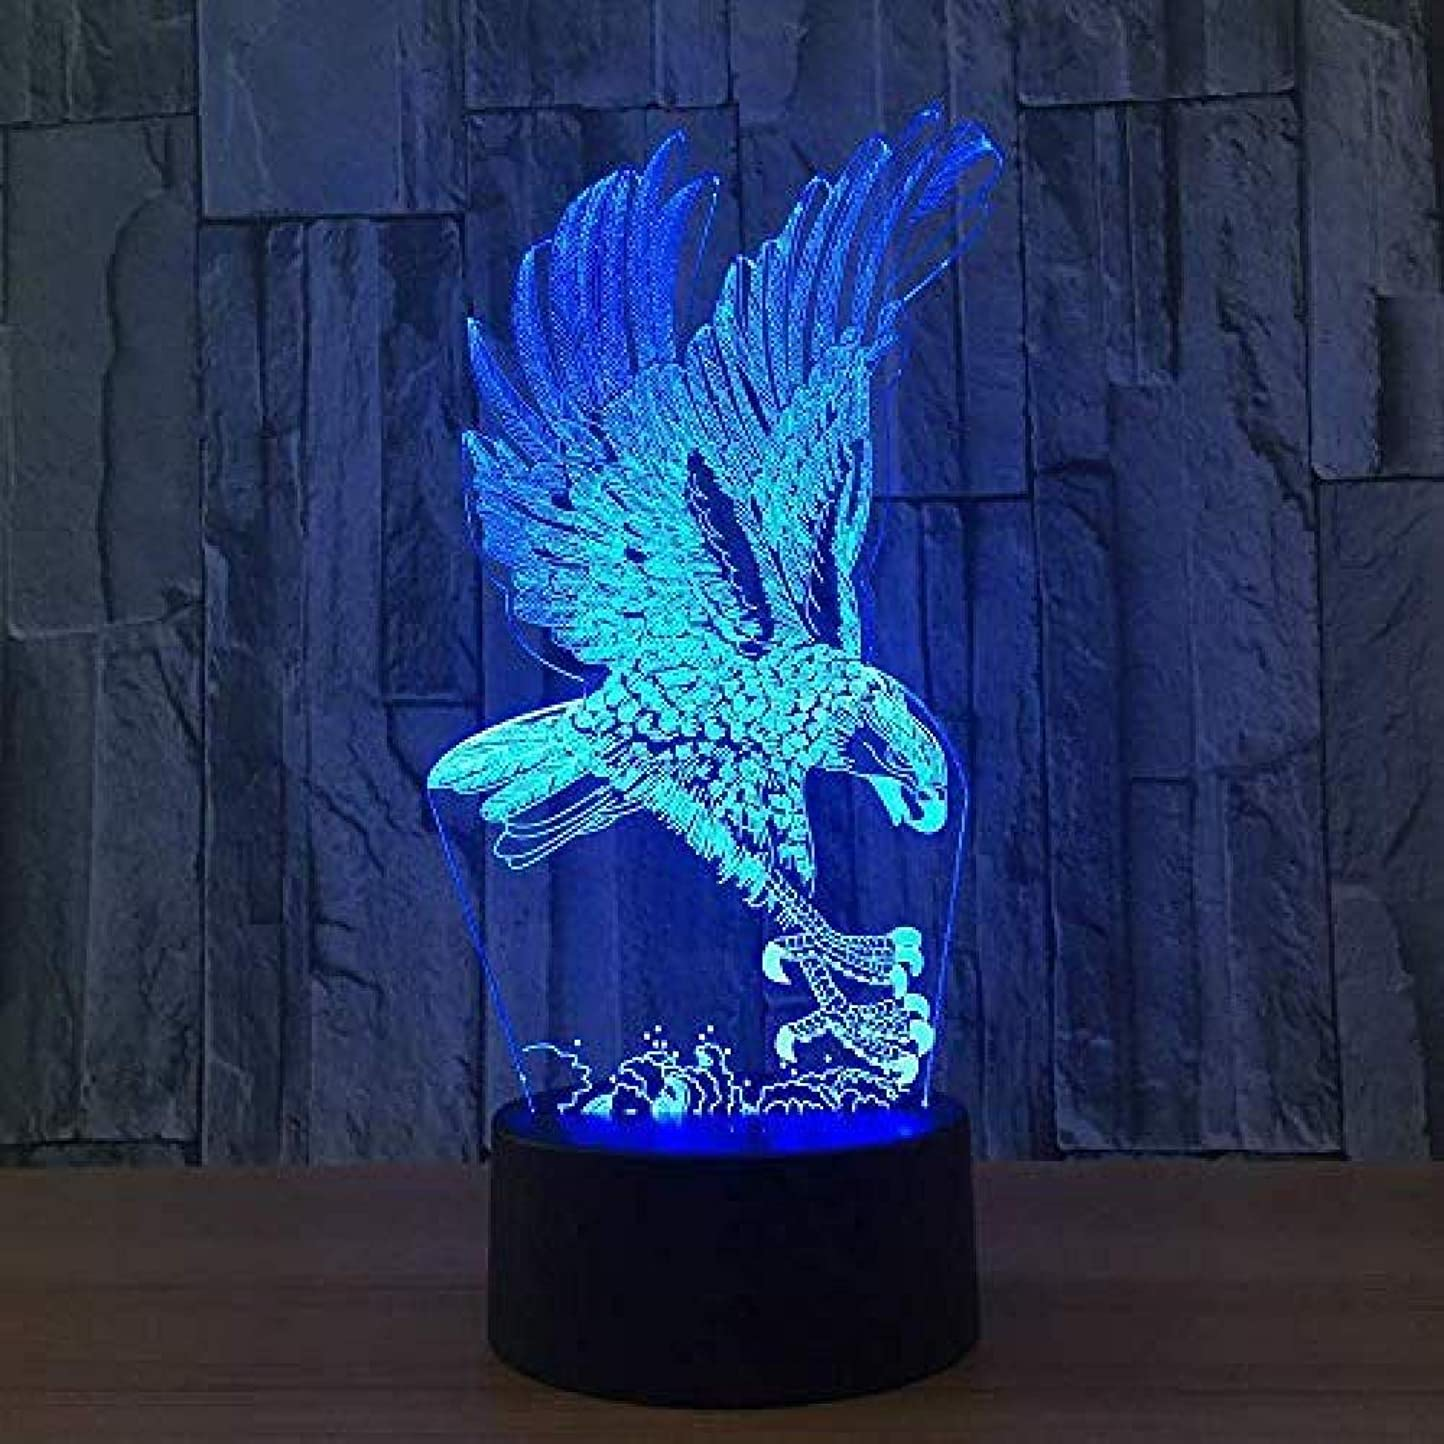 世論調査博物館アクチュエータ錯視3Dイーグルナイトライト7色変更USBアダプタータッチスイッチ装飾ランプLEDランプ